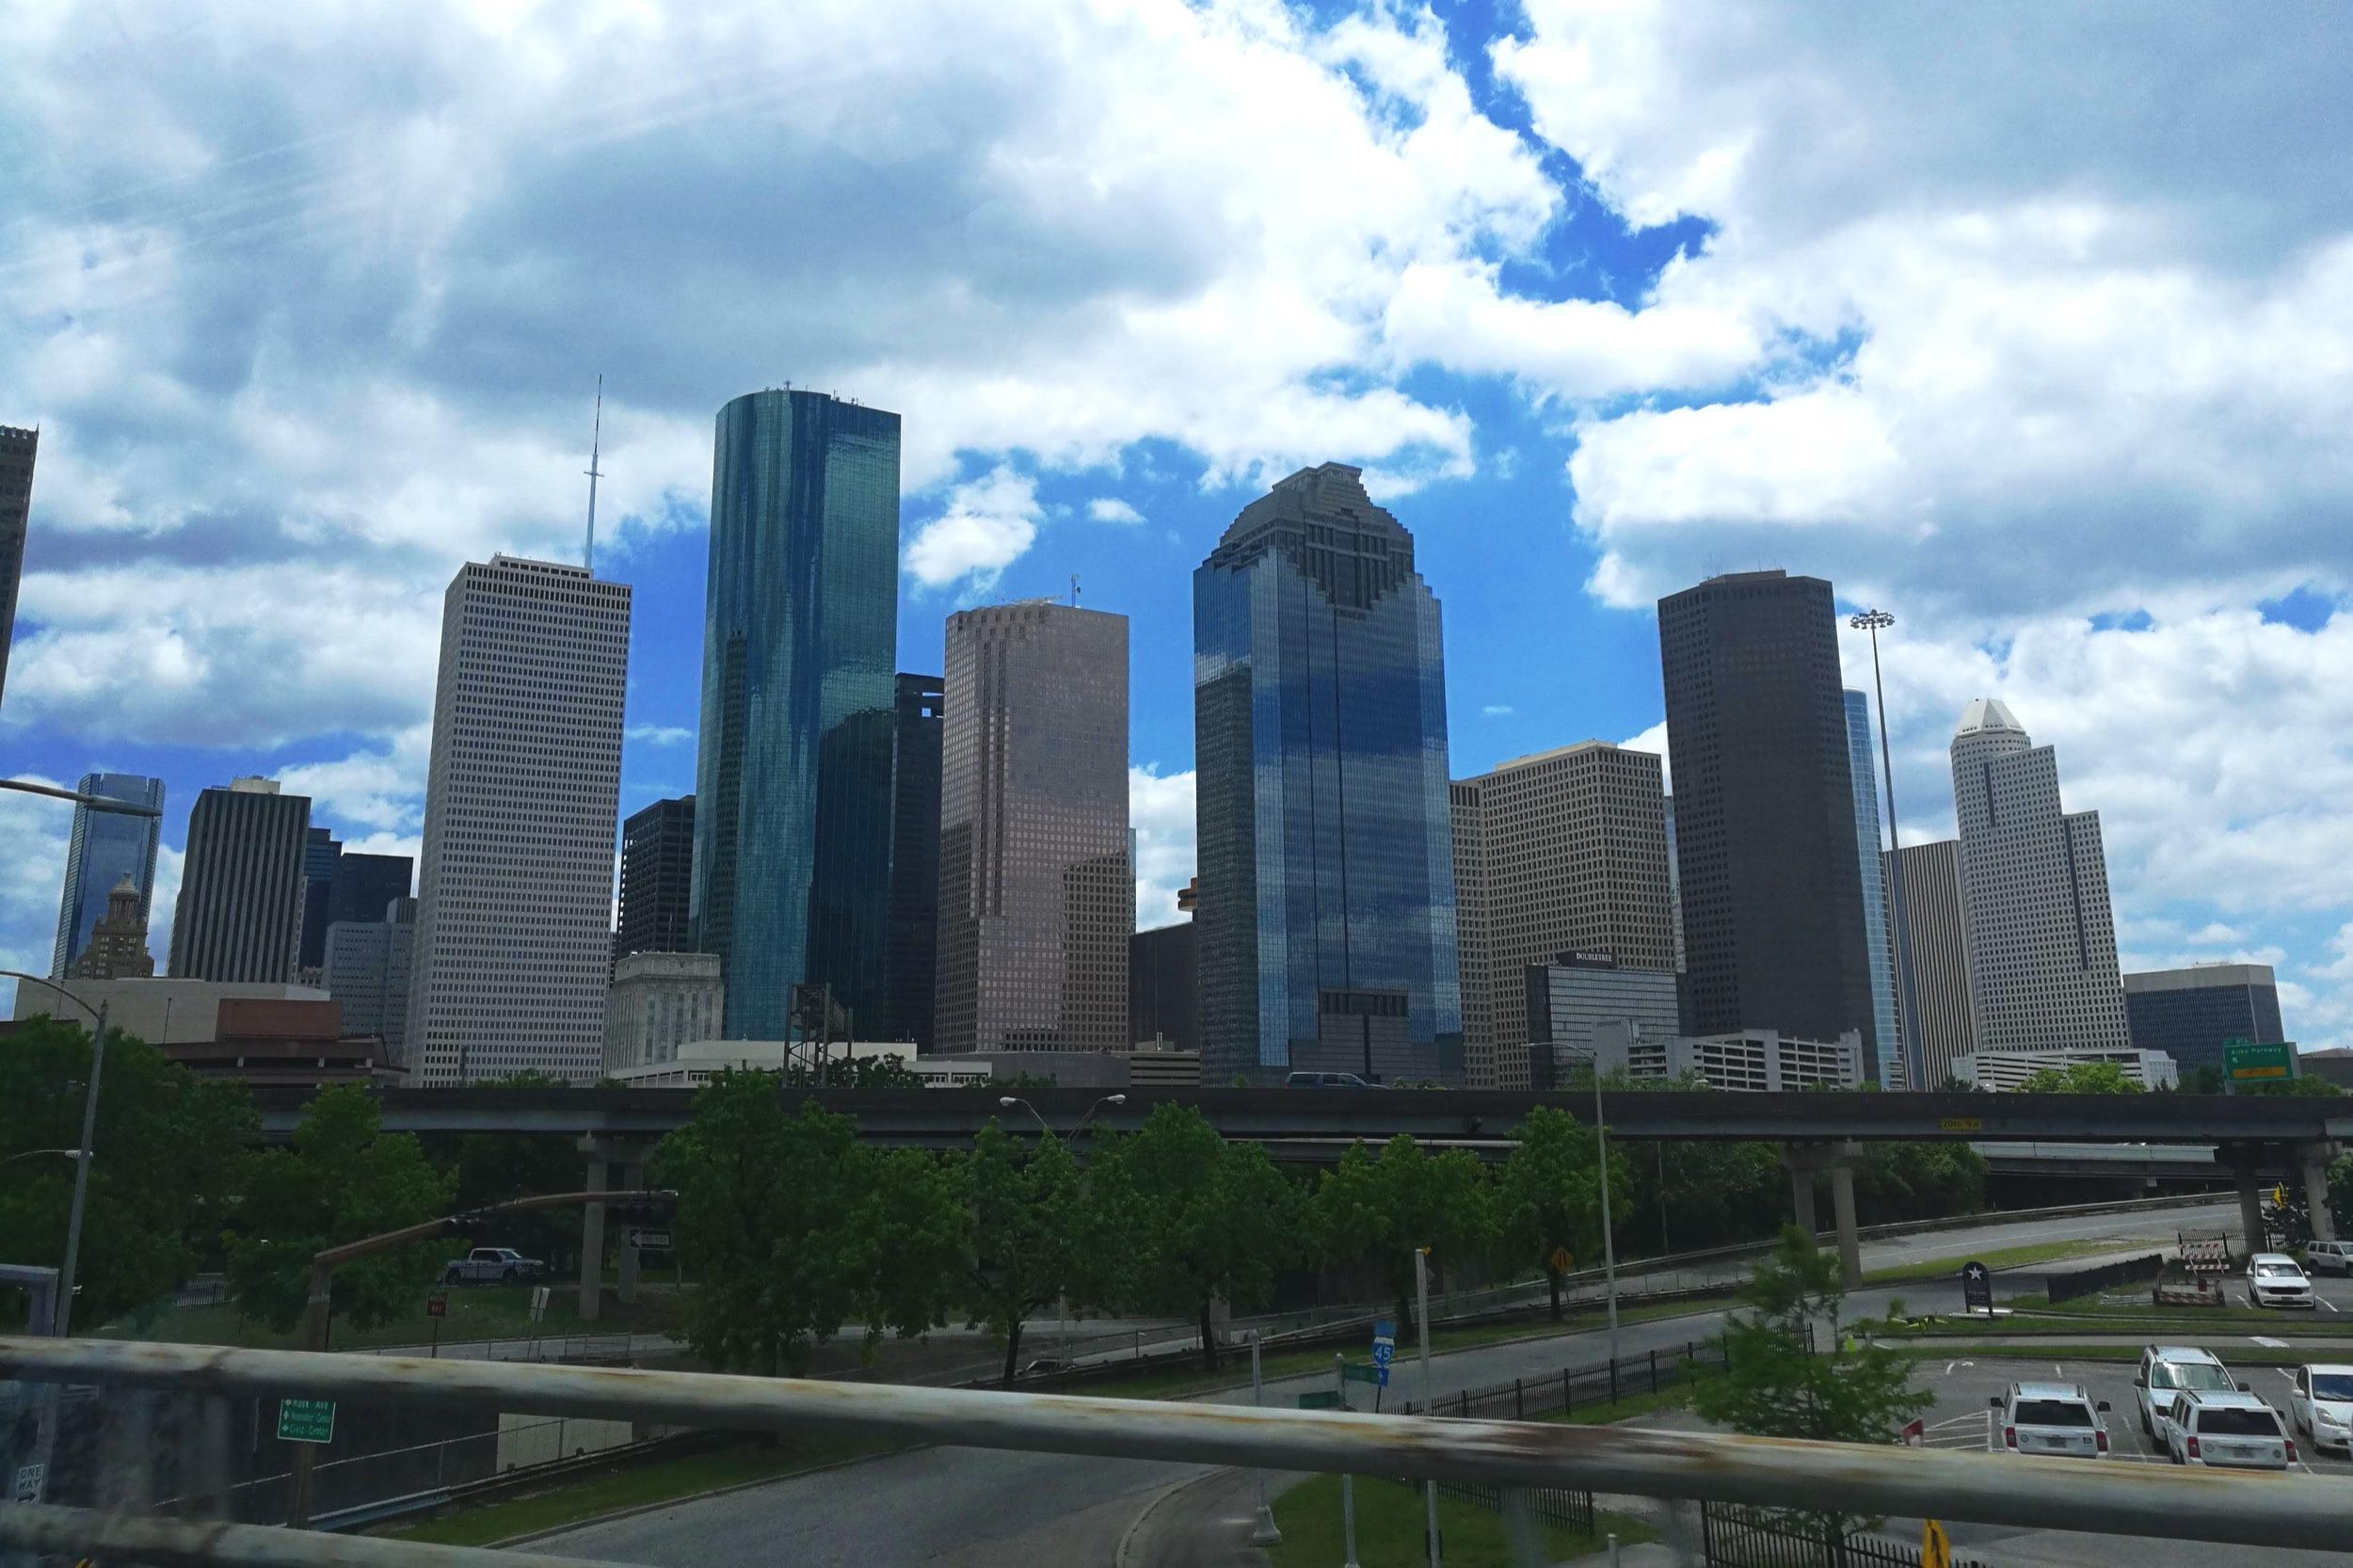 Houston, TX - 04.27.19 to 04.28.19